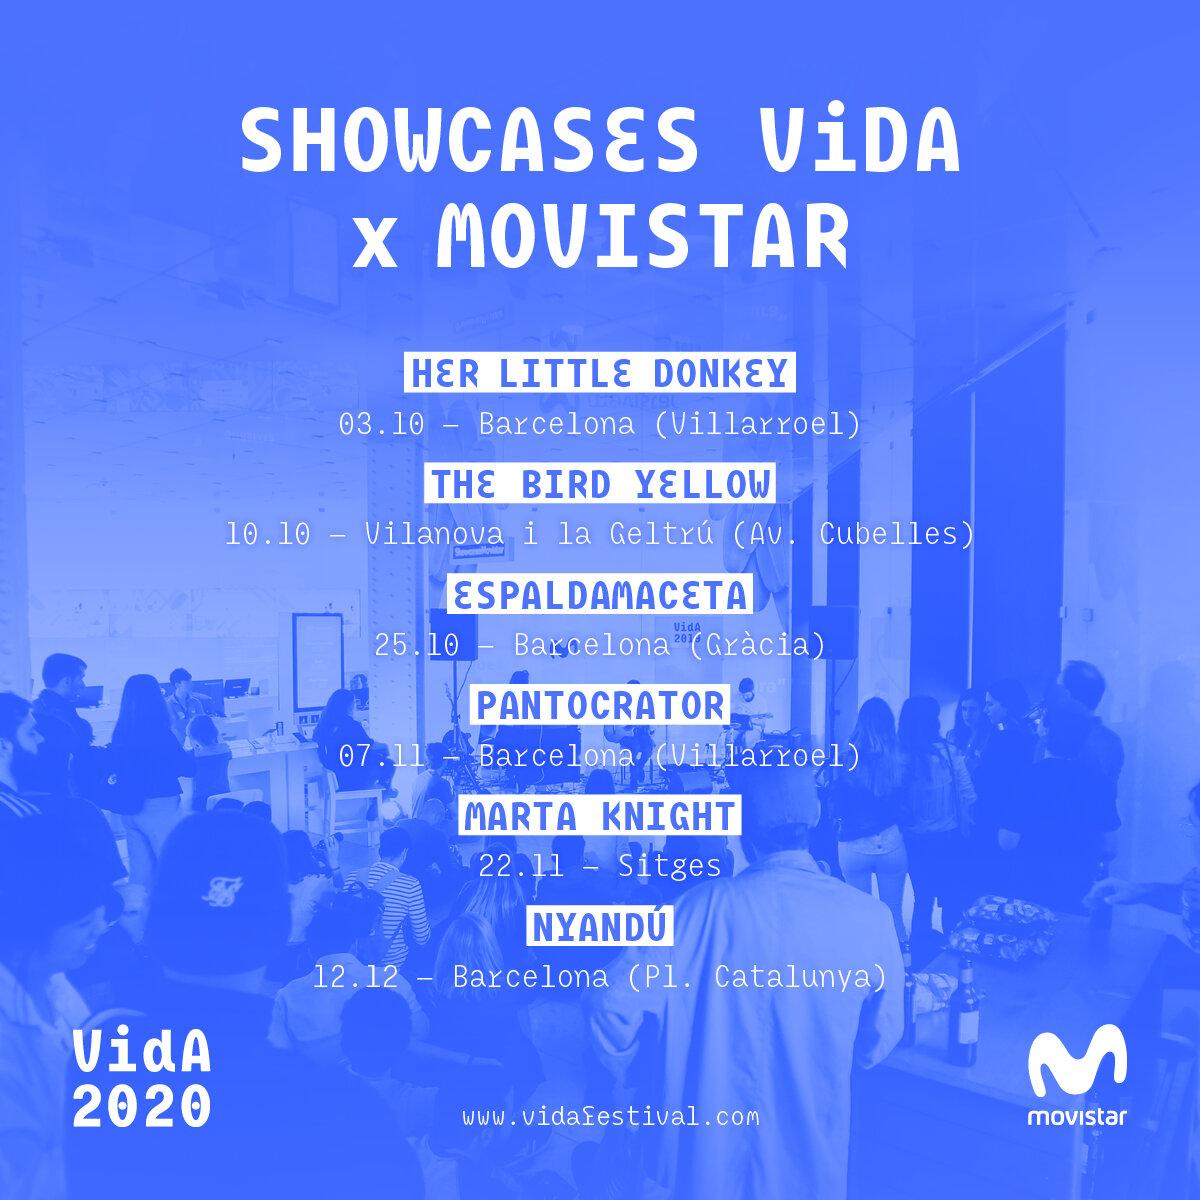 Showcases_Movistar_16092019_V3.jpg